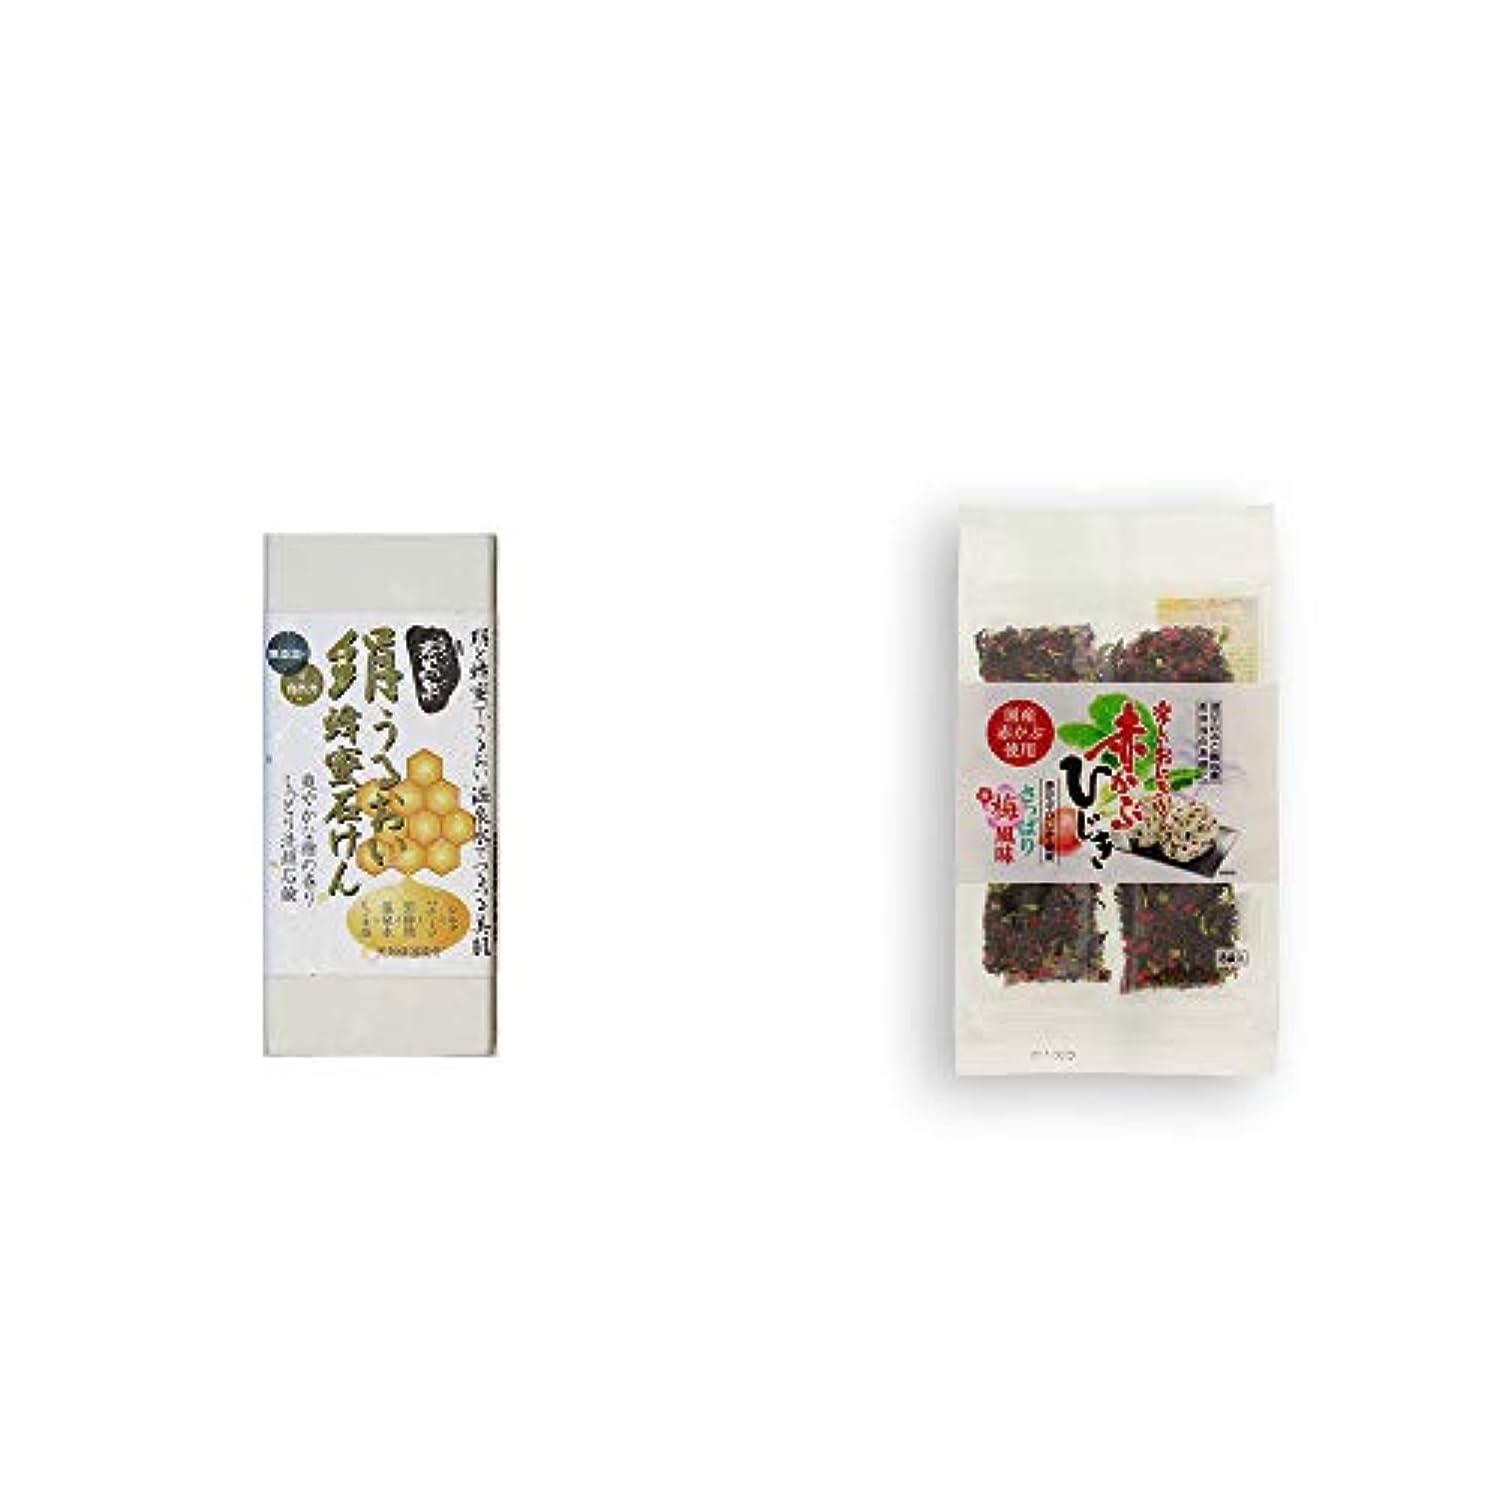 歌手護衛カヌー[2点セット] ひのき炭黒泉 絹うるおい蜂蜜石けん(75g×2)?楽しいおにぎり 赤かぶひじき(8g×8袋)